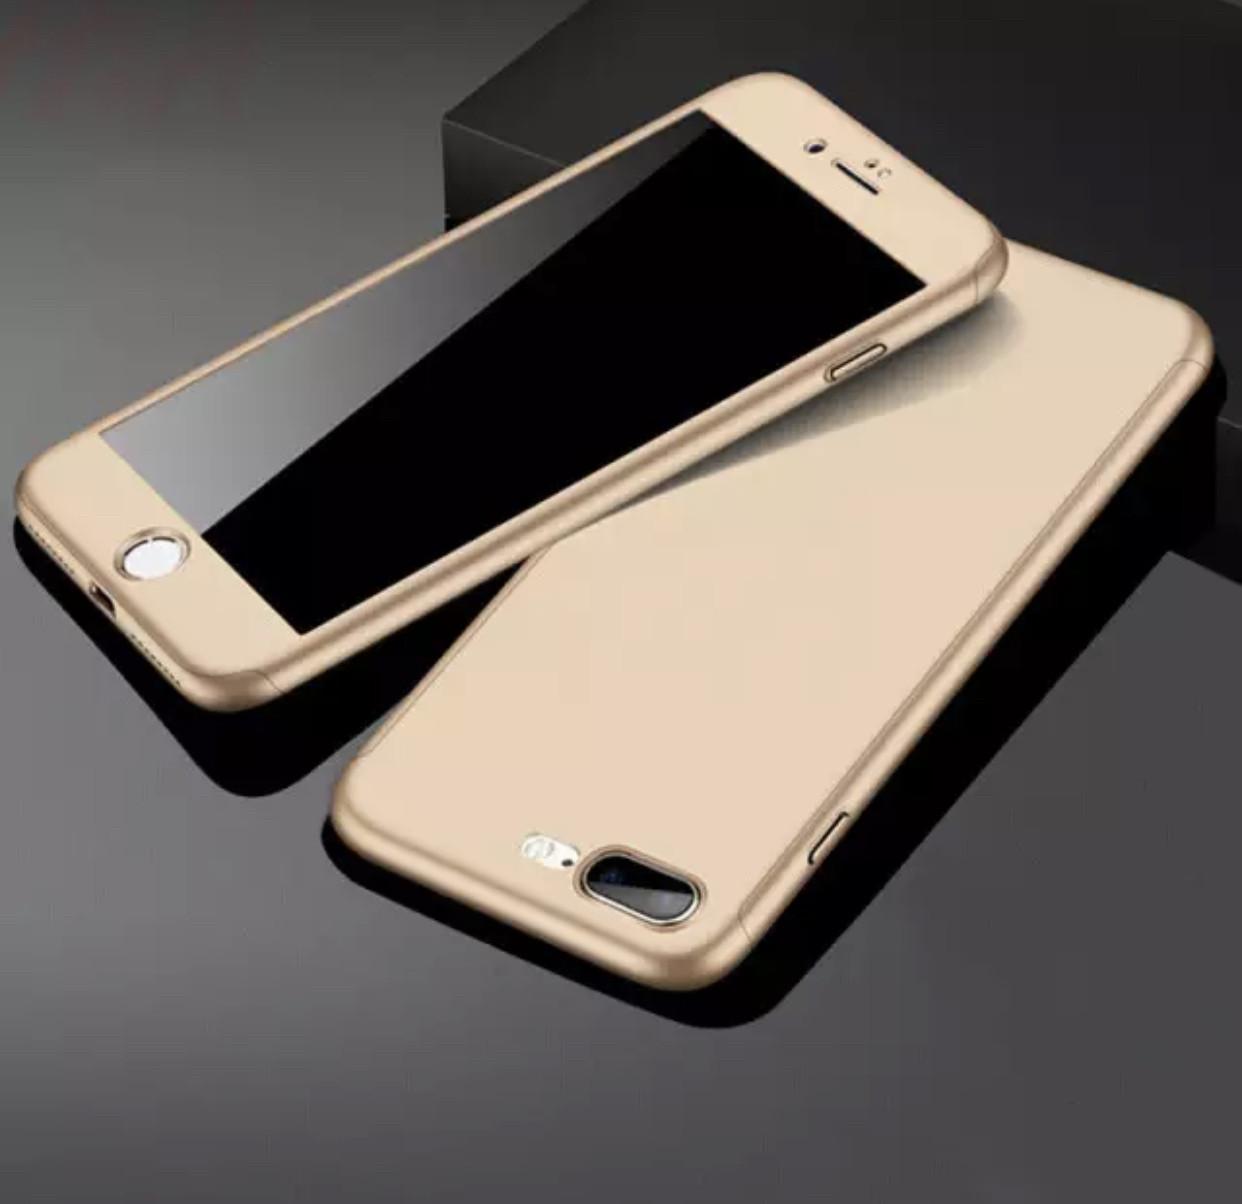 Чехол 360° градусов для Iphone 6/6S противоударный + стекло, gold